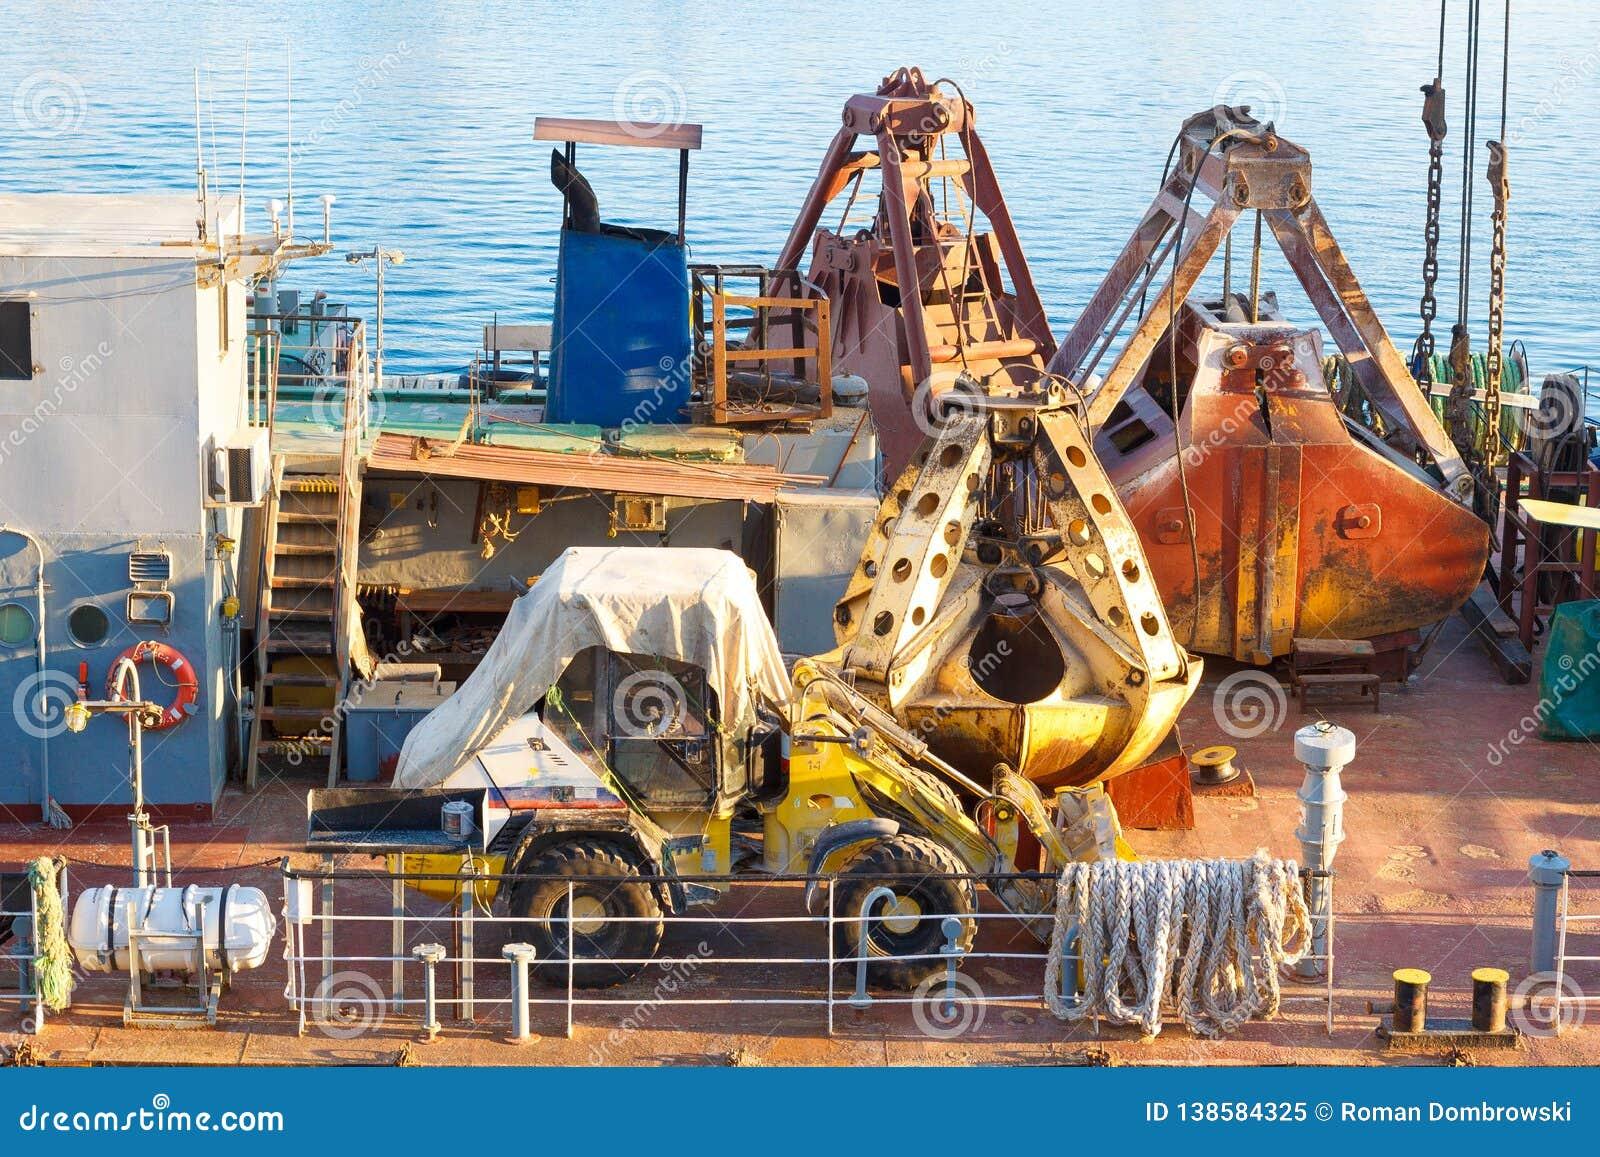 Planierraupe und rostige Schaufel des Frachtkranes auf der Schiffsplattform